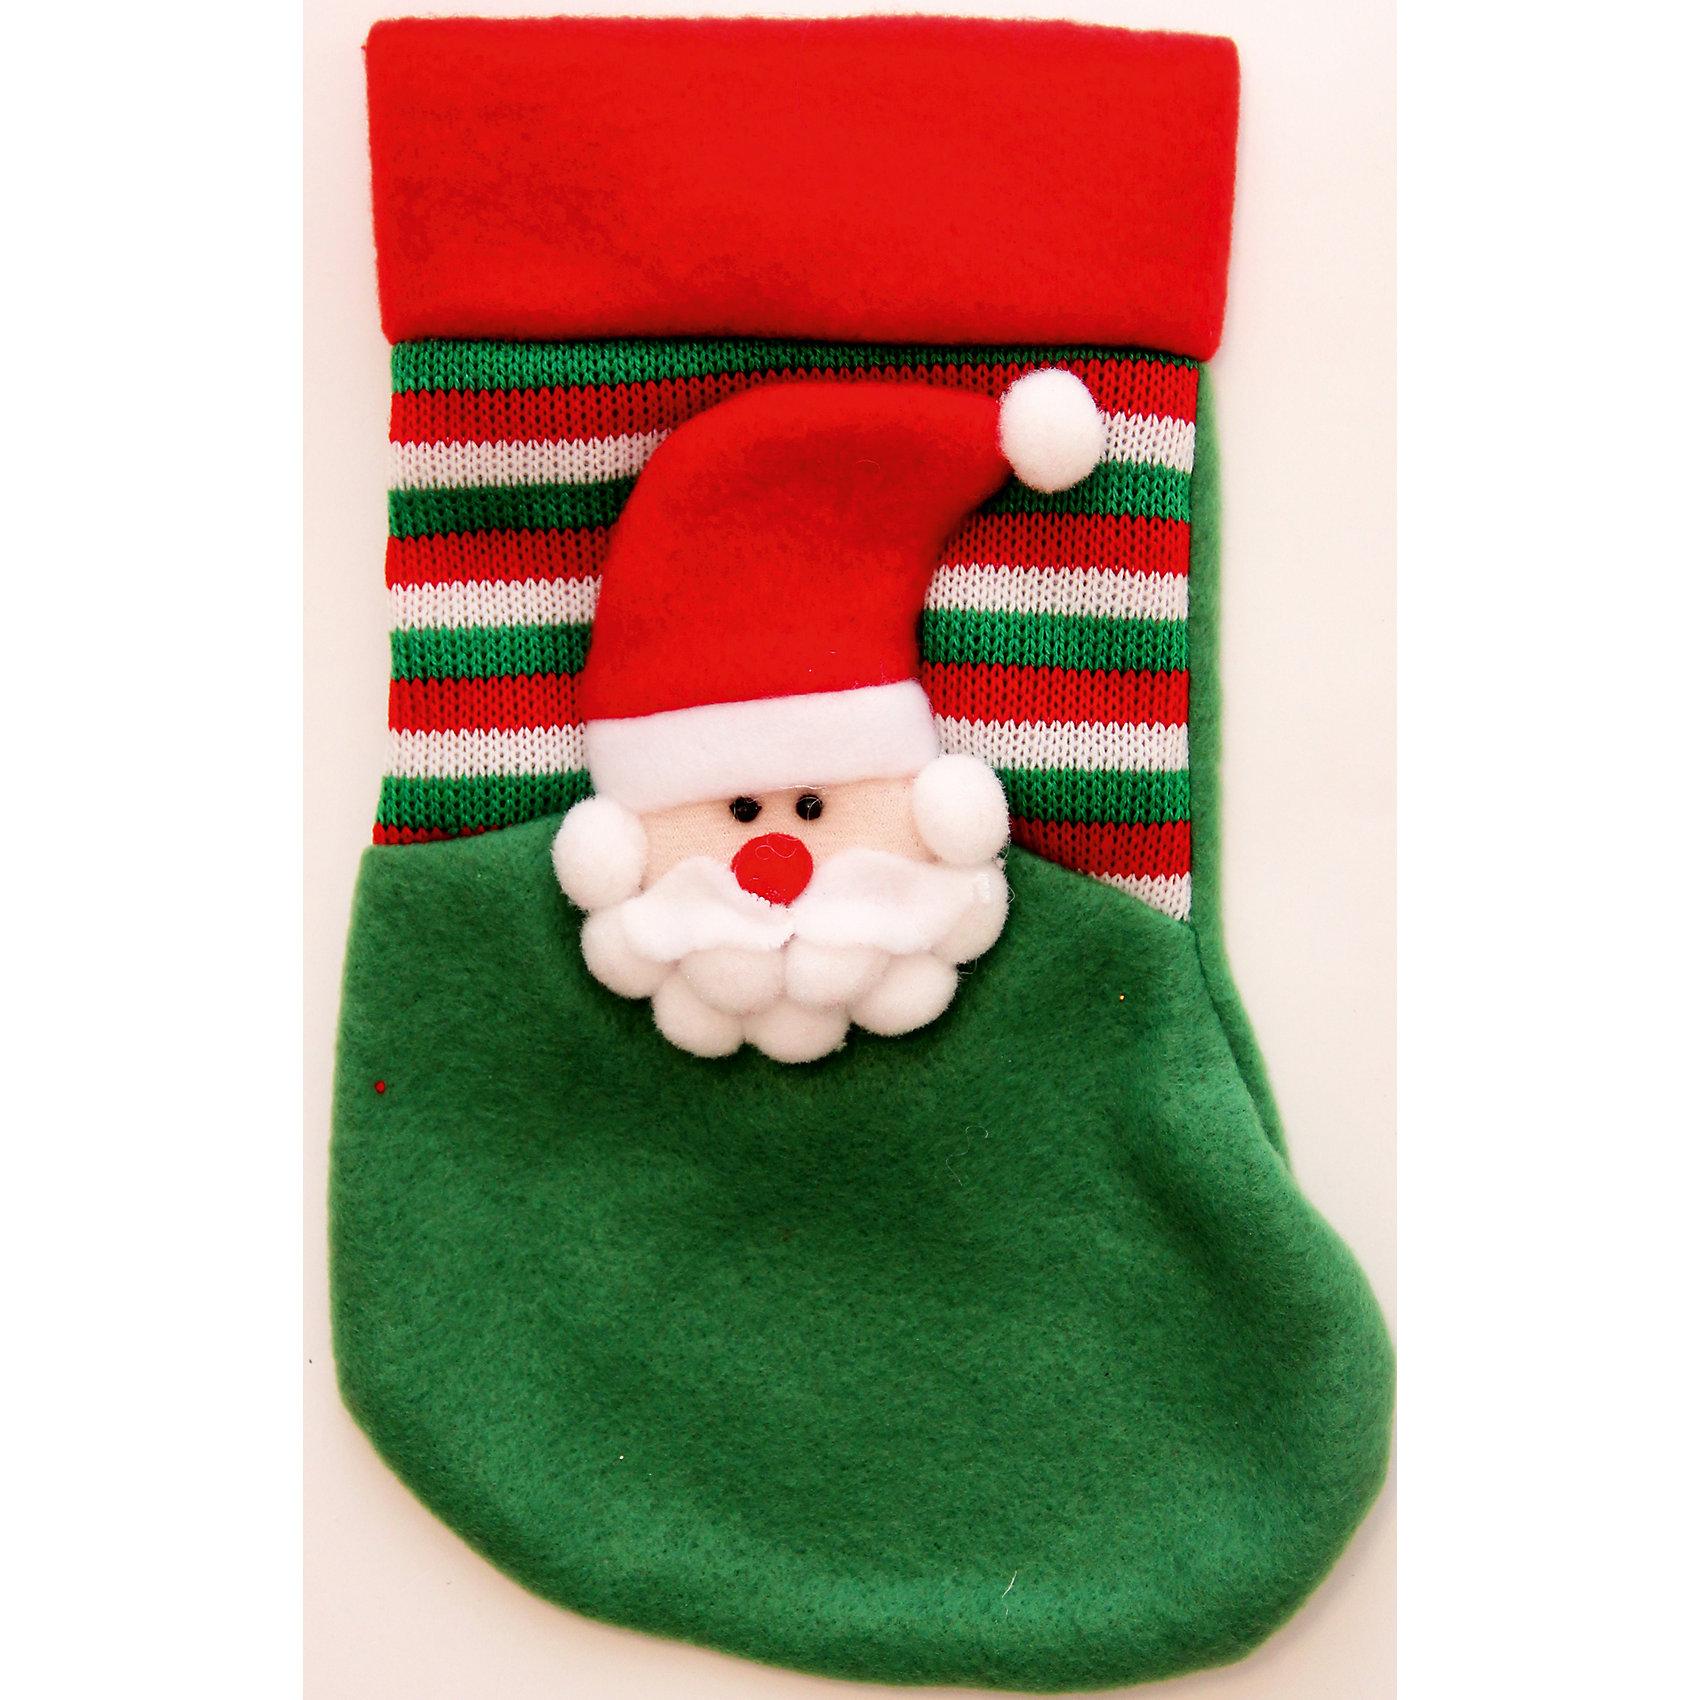 Подвесное украшение Зеленый Дед МорозУкрашение новогоднее подвесное Зеленый Дед Мороз арт.42511 из полиэстра / 25х14<br><br>Ширина мм: 250<br>Глубина мм: 140<br>Высота мм: 10<br>Вес г: 33<br>Возраст от месяцев: 60<br>Возраст до месяцев: 600<br>Пол: Унисекс<br>Возраст: Детский<br>SKU: 5144630